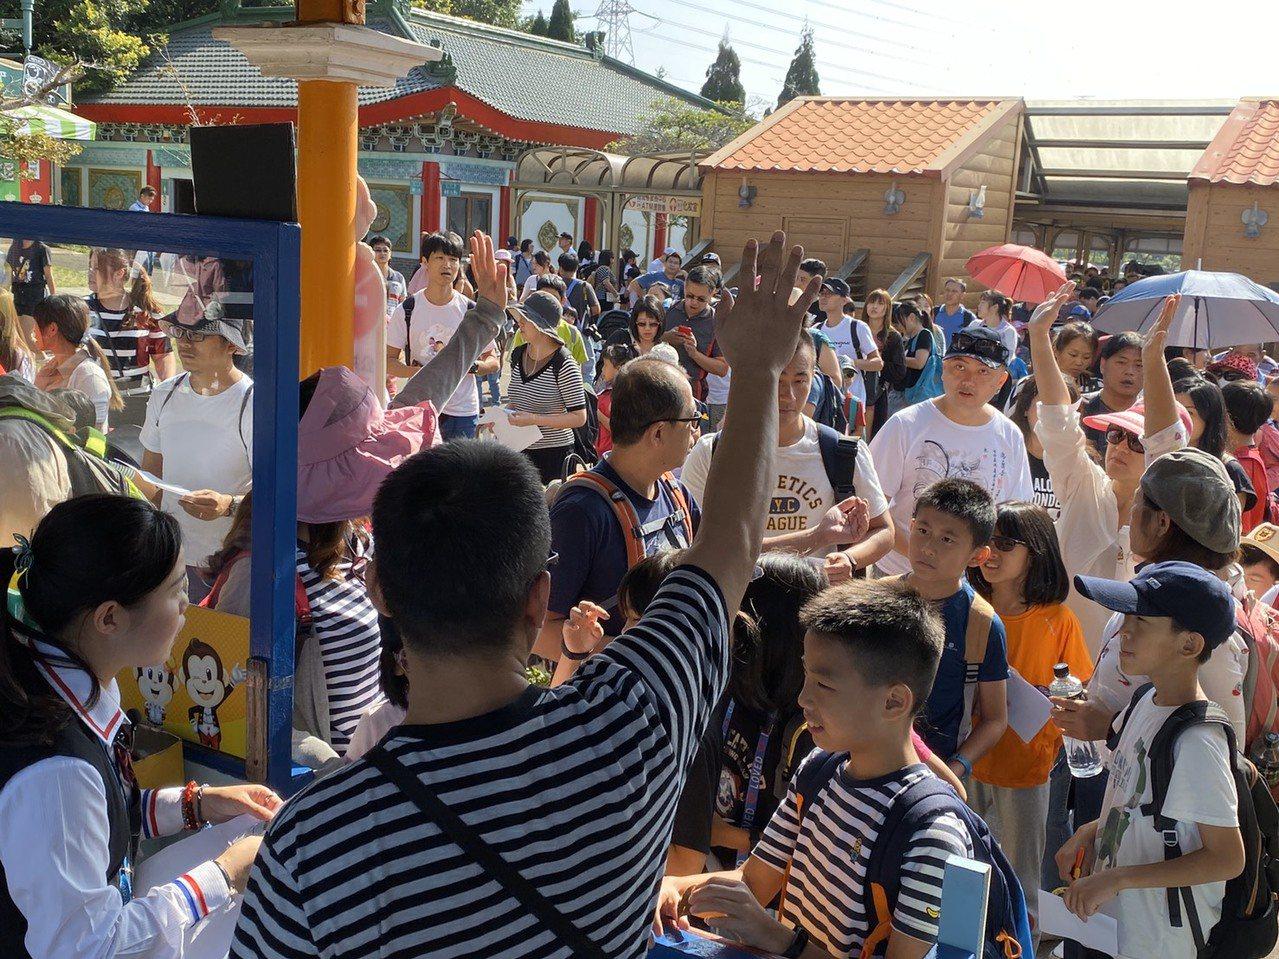 今天是國慶連假第2天,比起第一天六福村入園人數不減反增,第一天園方估計有近萬人入...